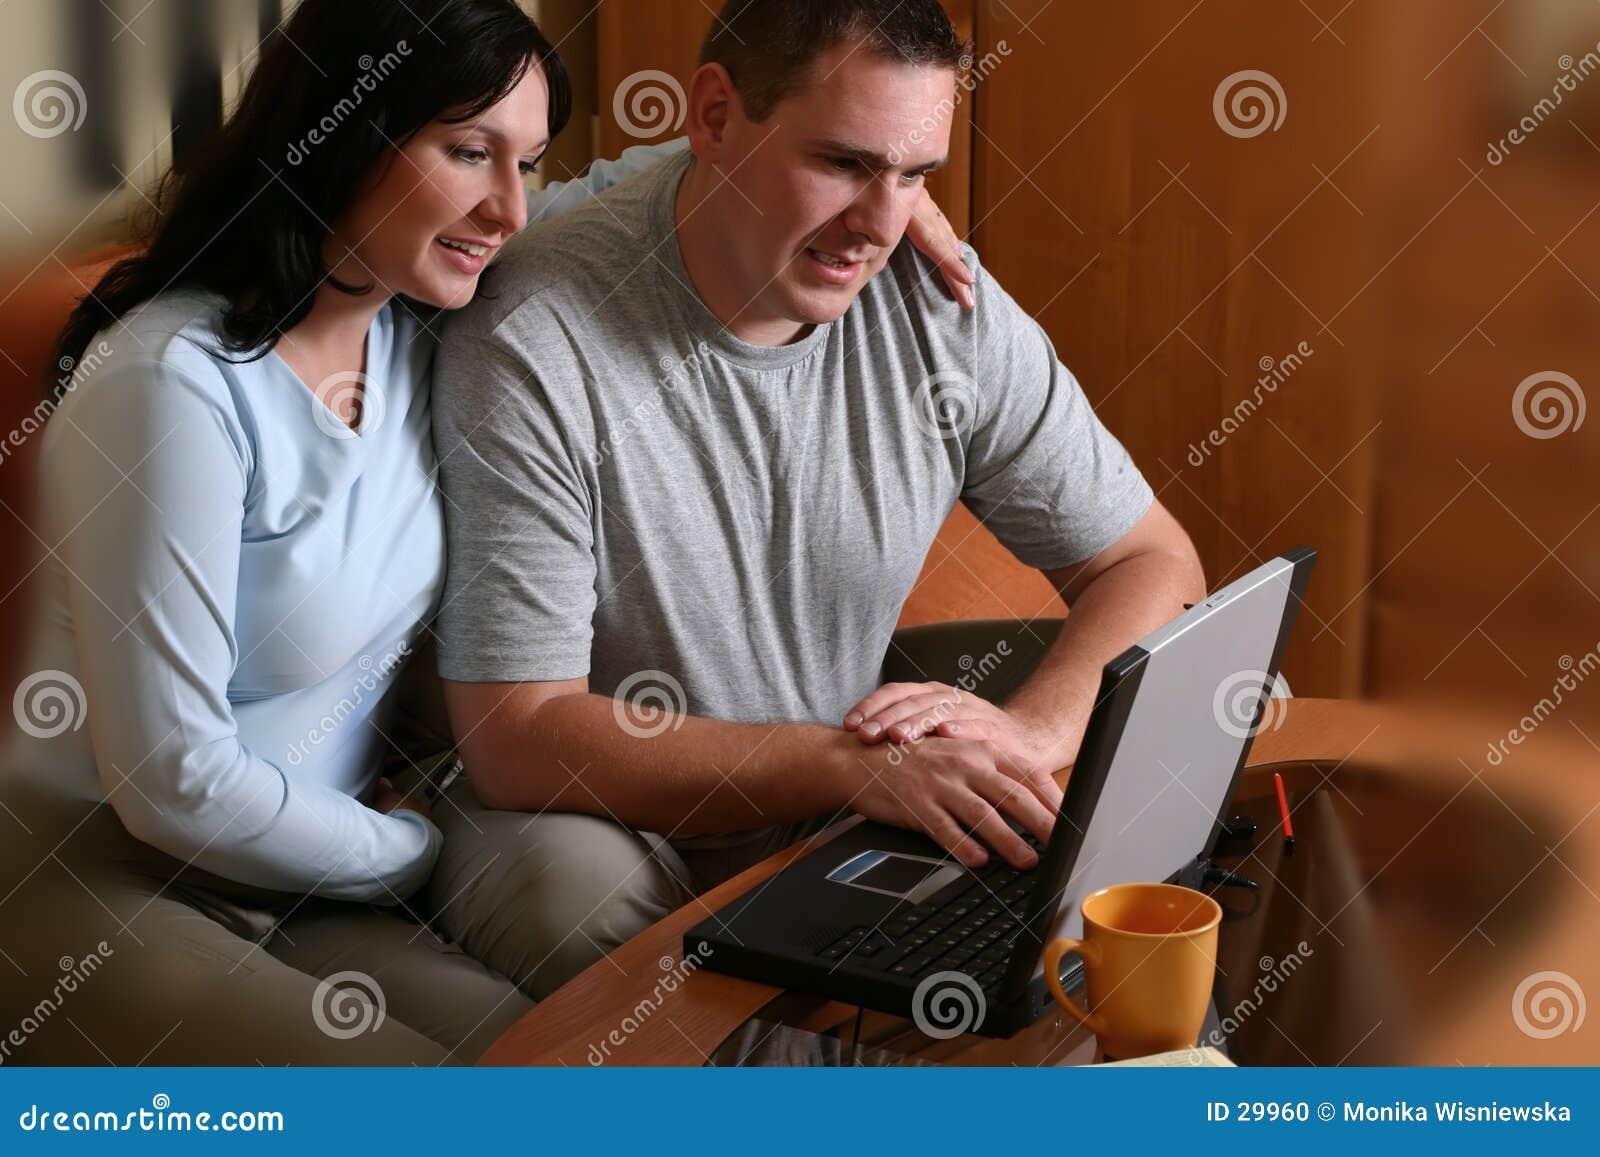 2 couple happy laptop